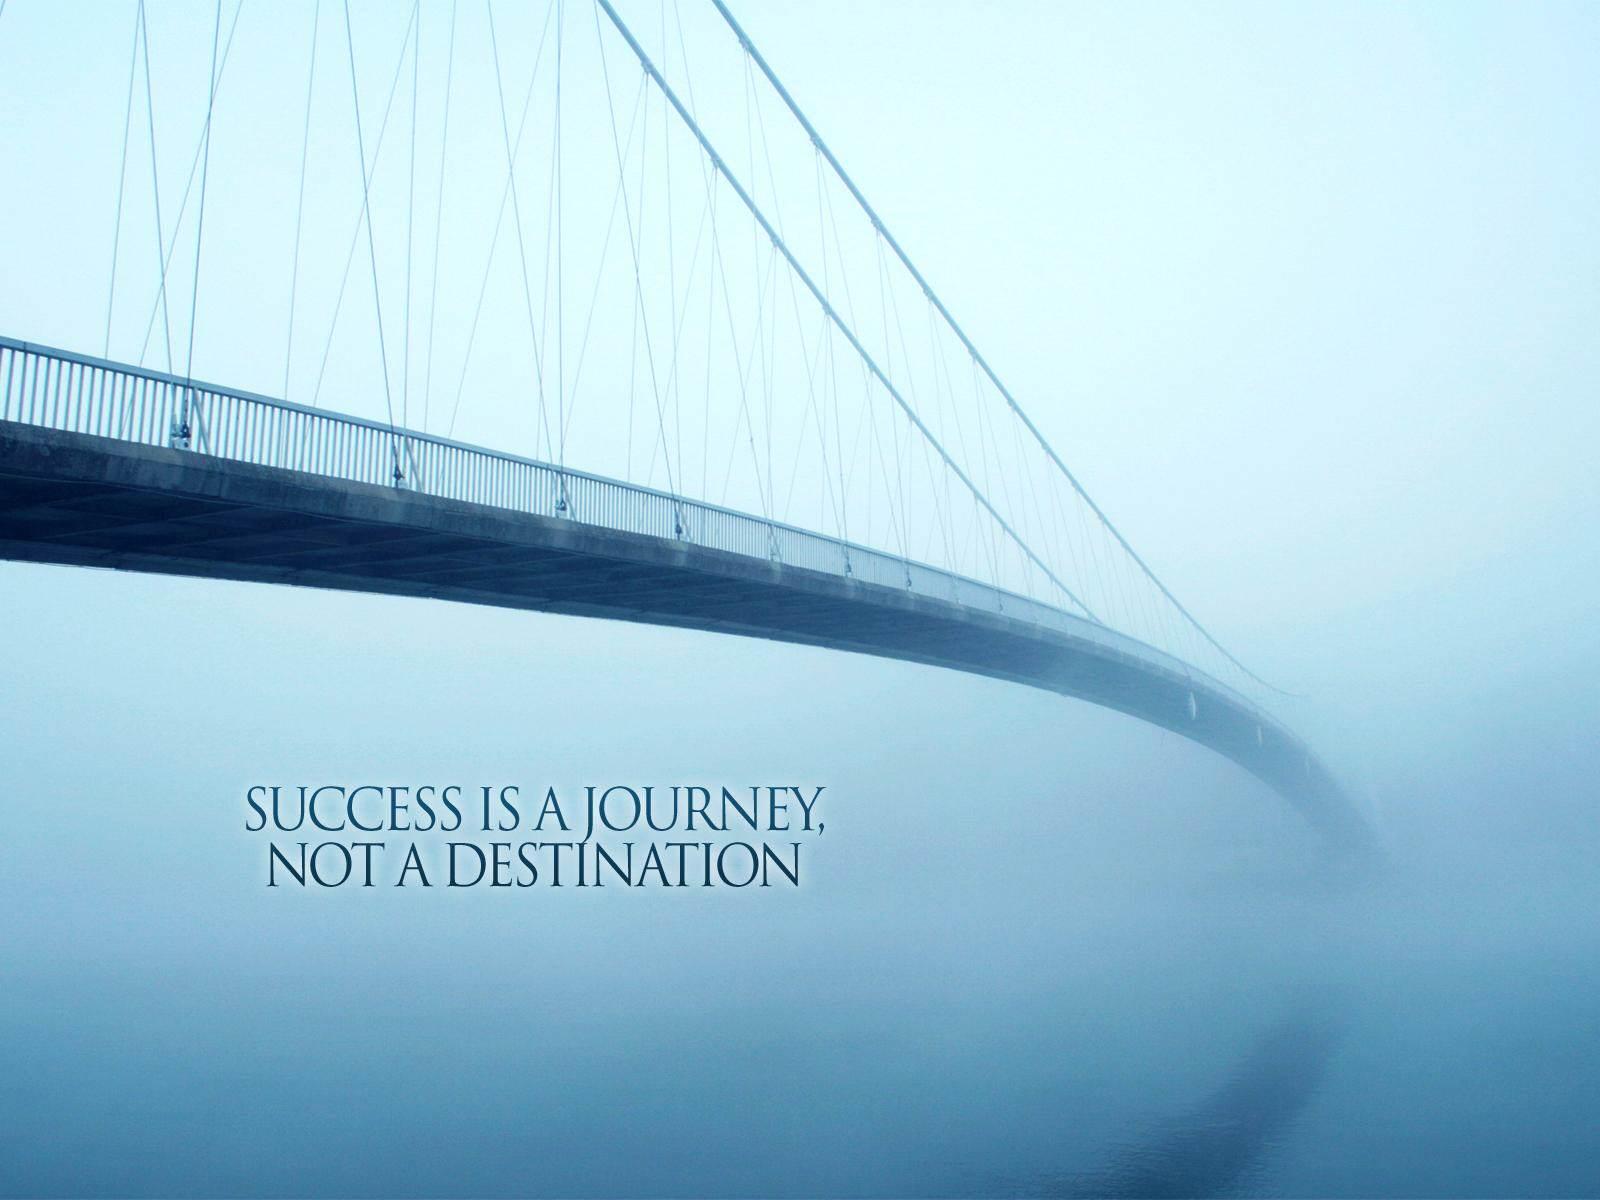 success-is-a-journey-not-a-destination